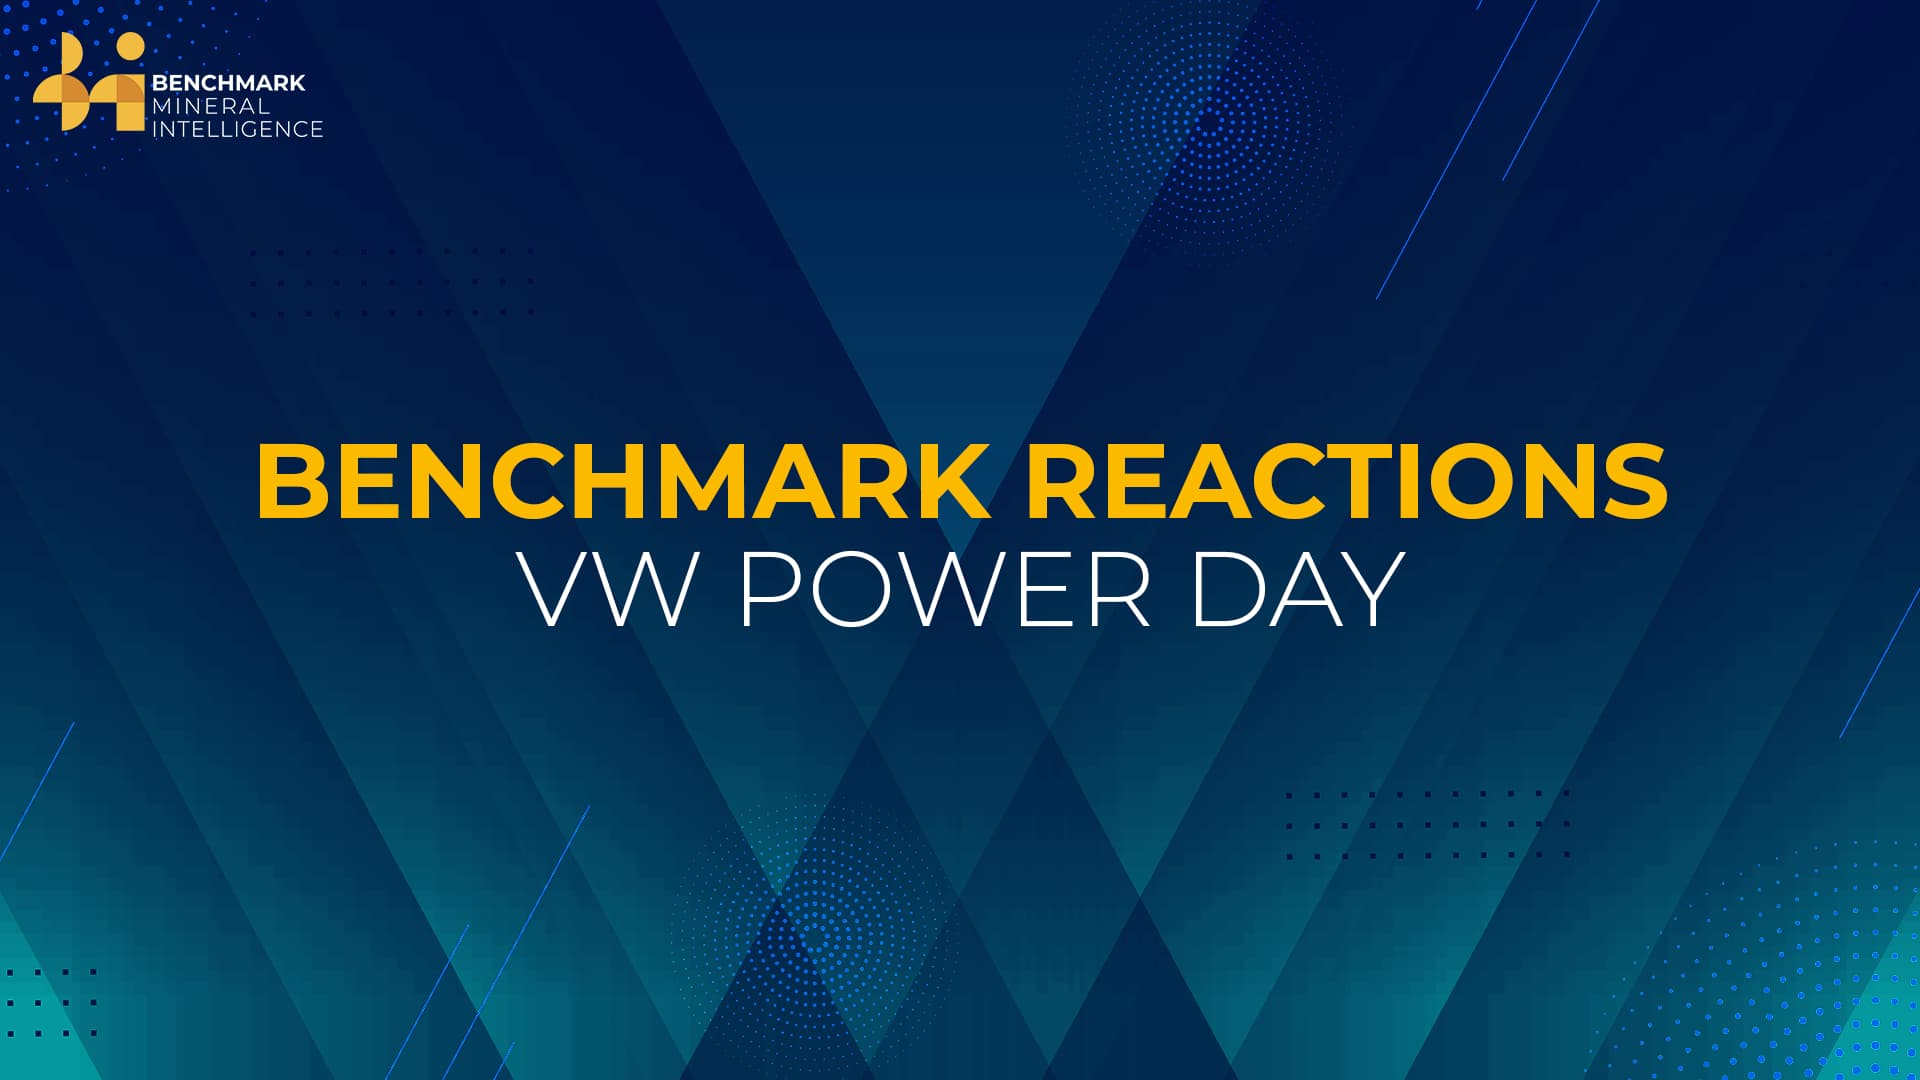 Benchmark's Volkswagen Power Day Reactions